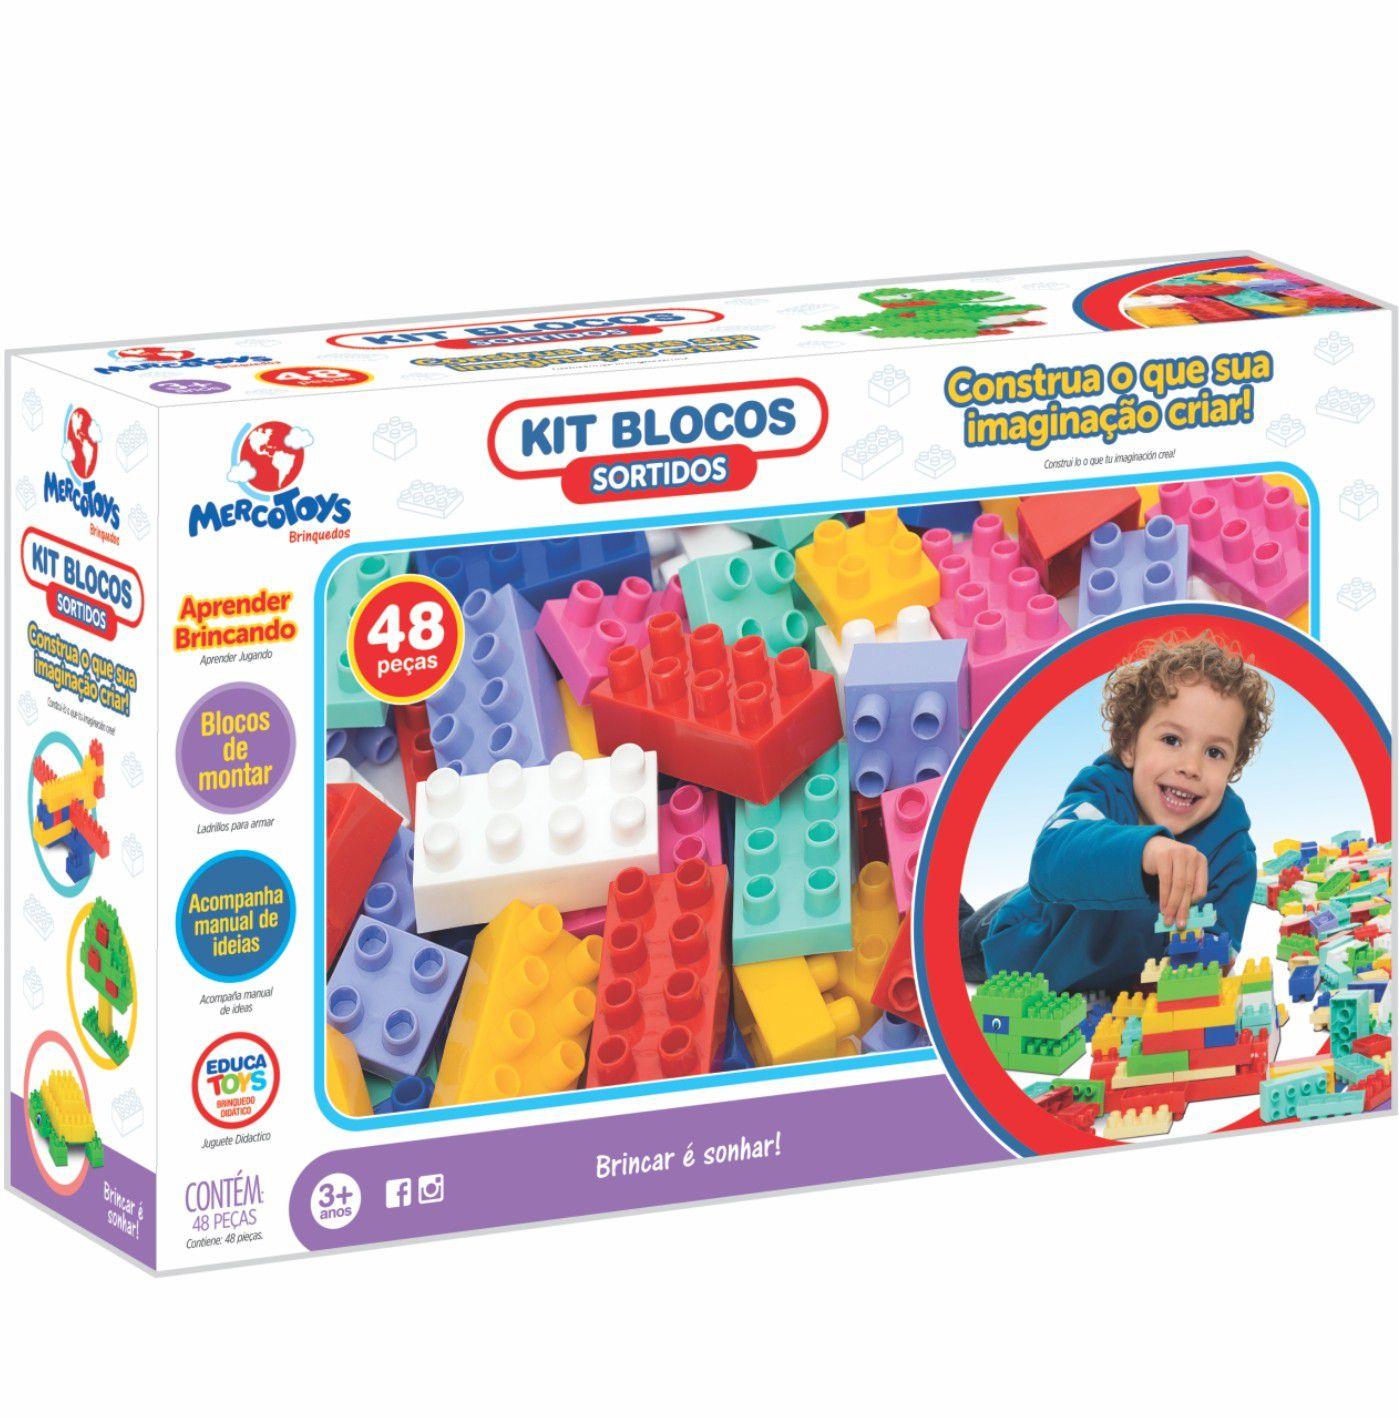 Brinquedo para Montar Kit Blocos Sortidos 48pçs Merco Toys